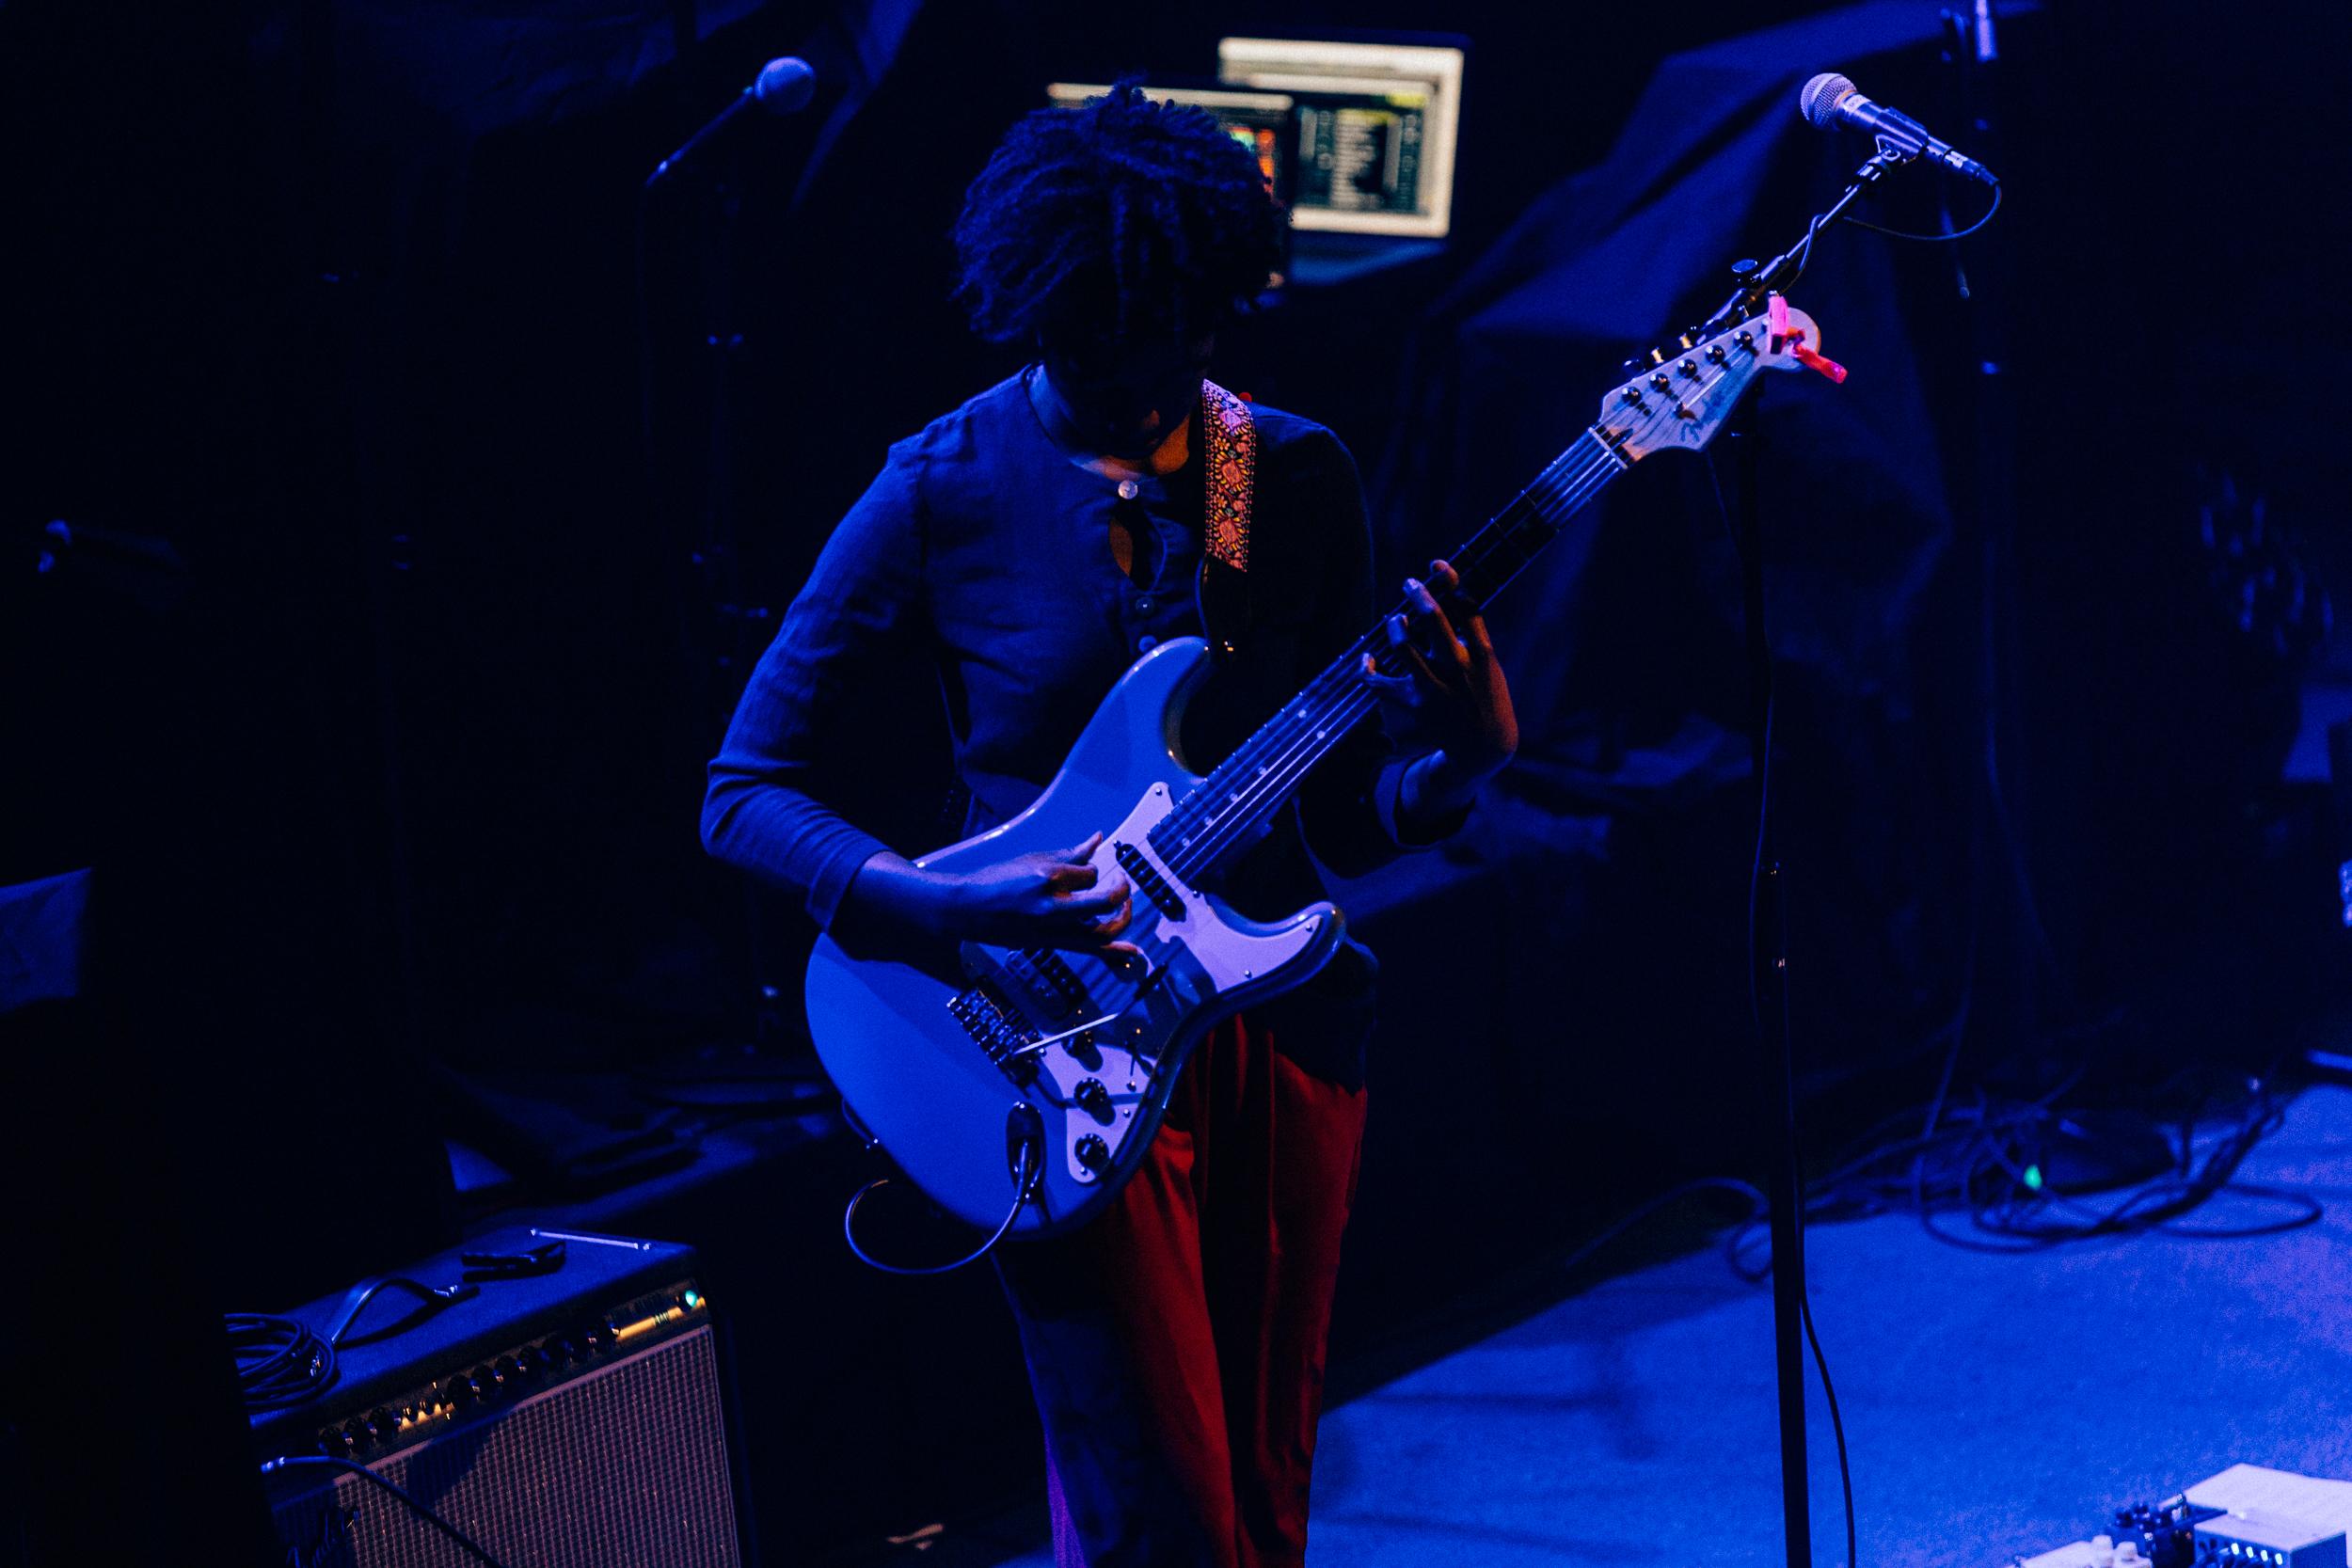 Melanie Faye at 9:30 Club (Photo by Mauricio Castro)